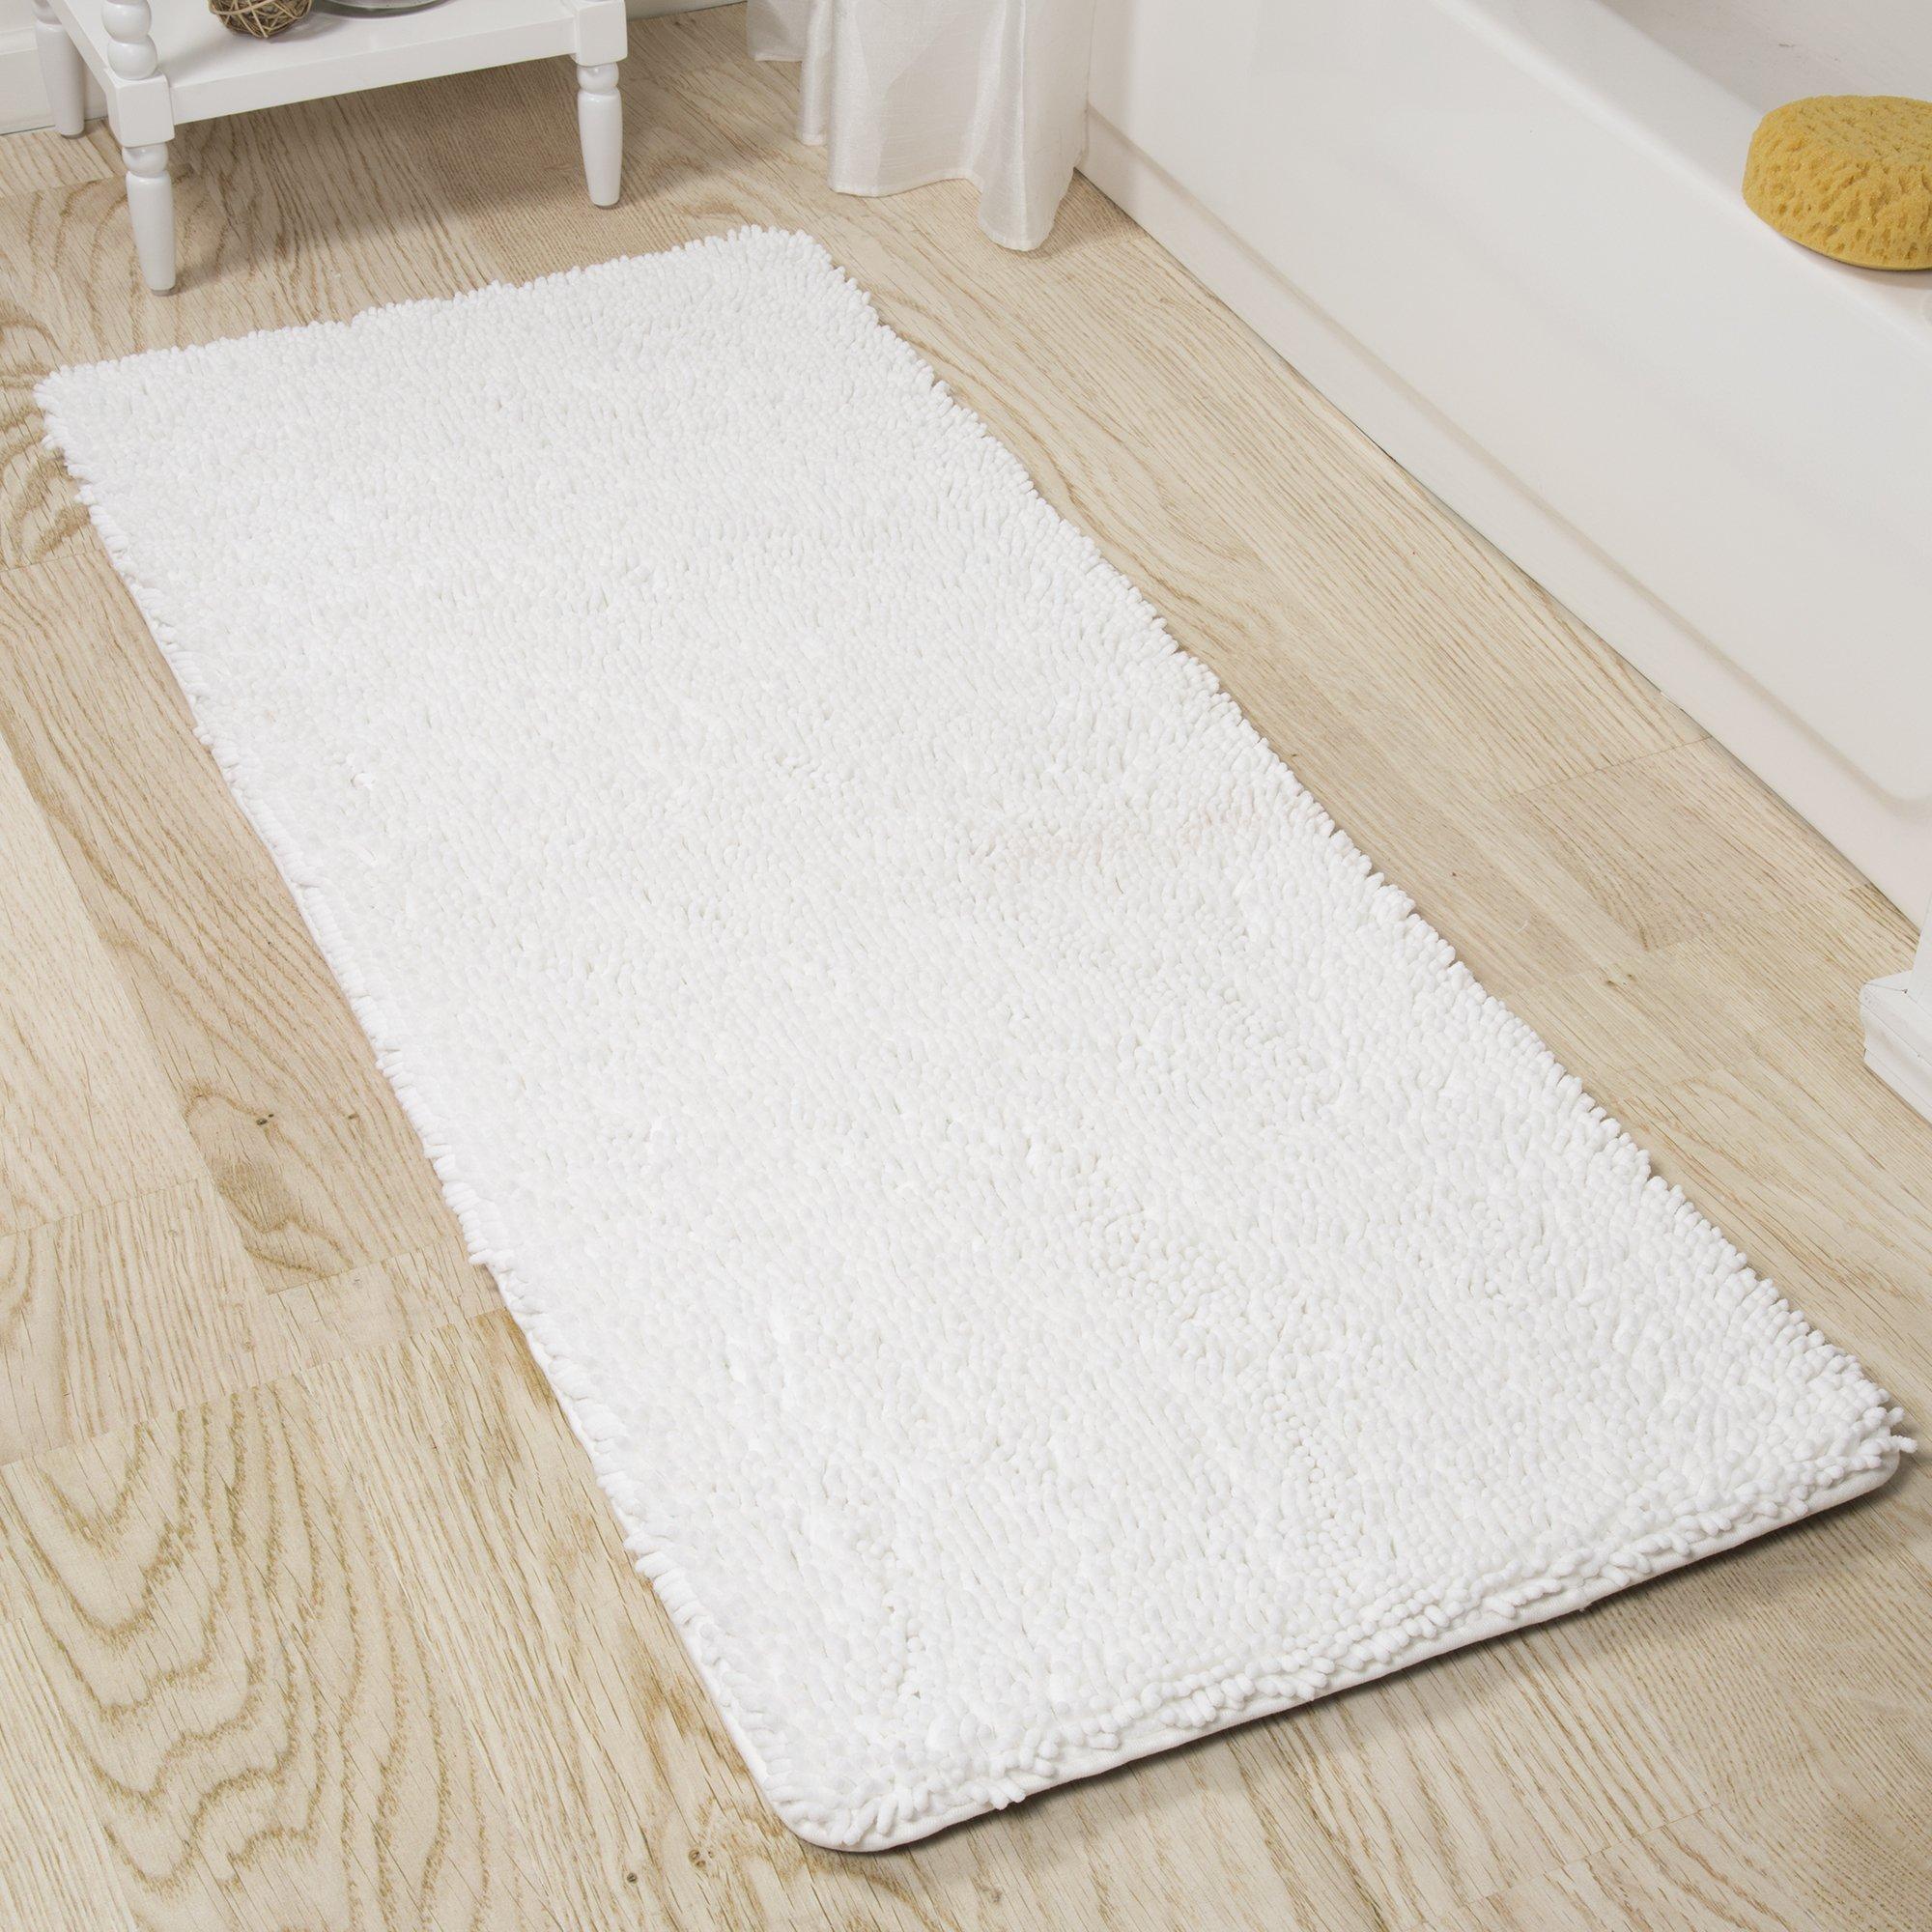 Bedford Home Memory Foam Shag Bath Mat 2-Feet by 5-Feet - White